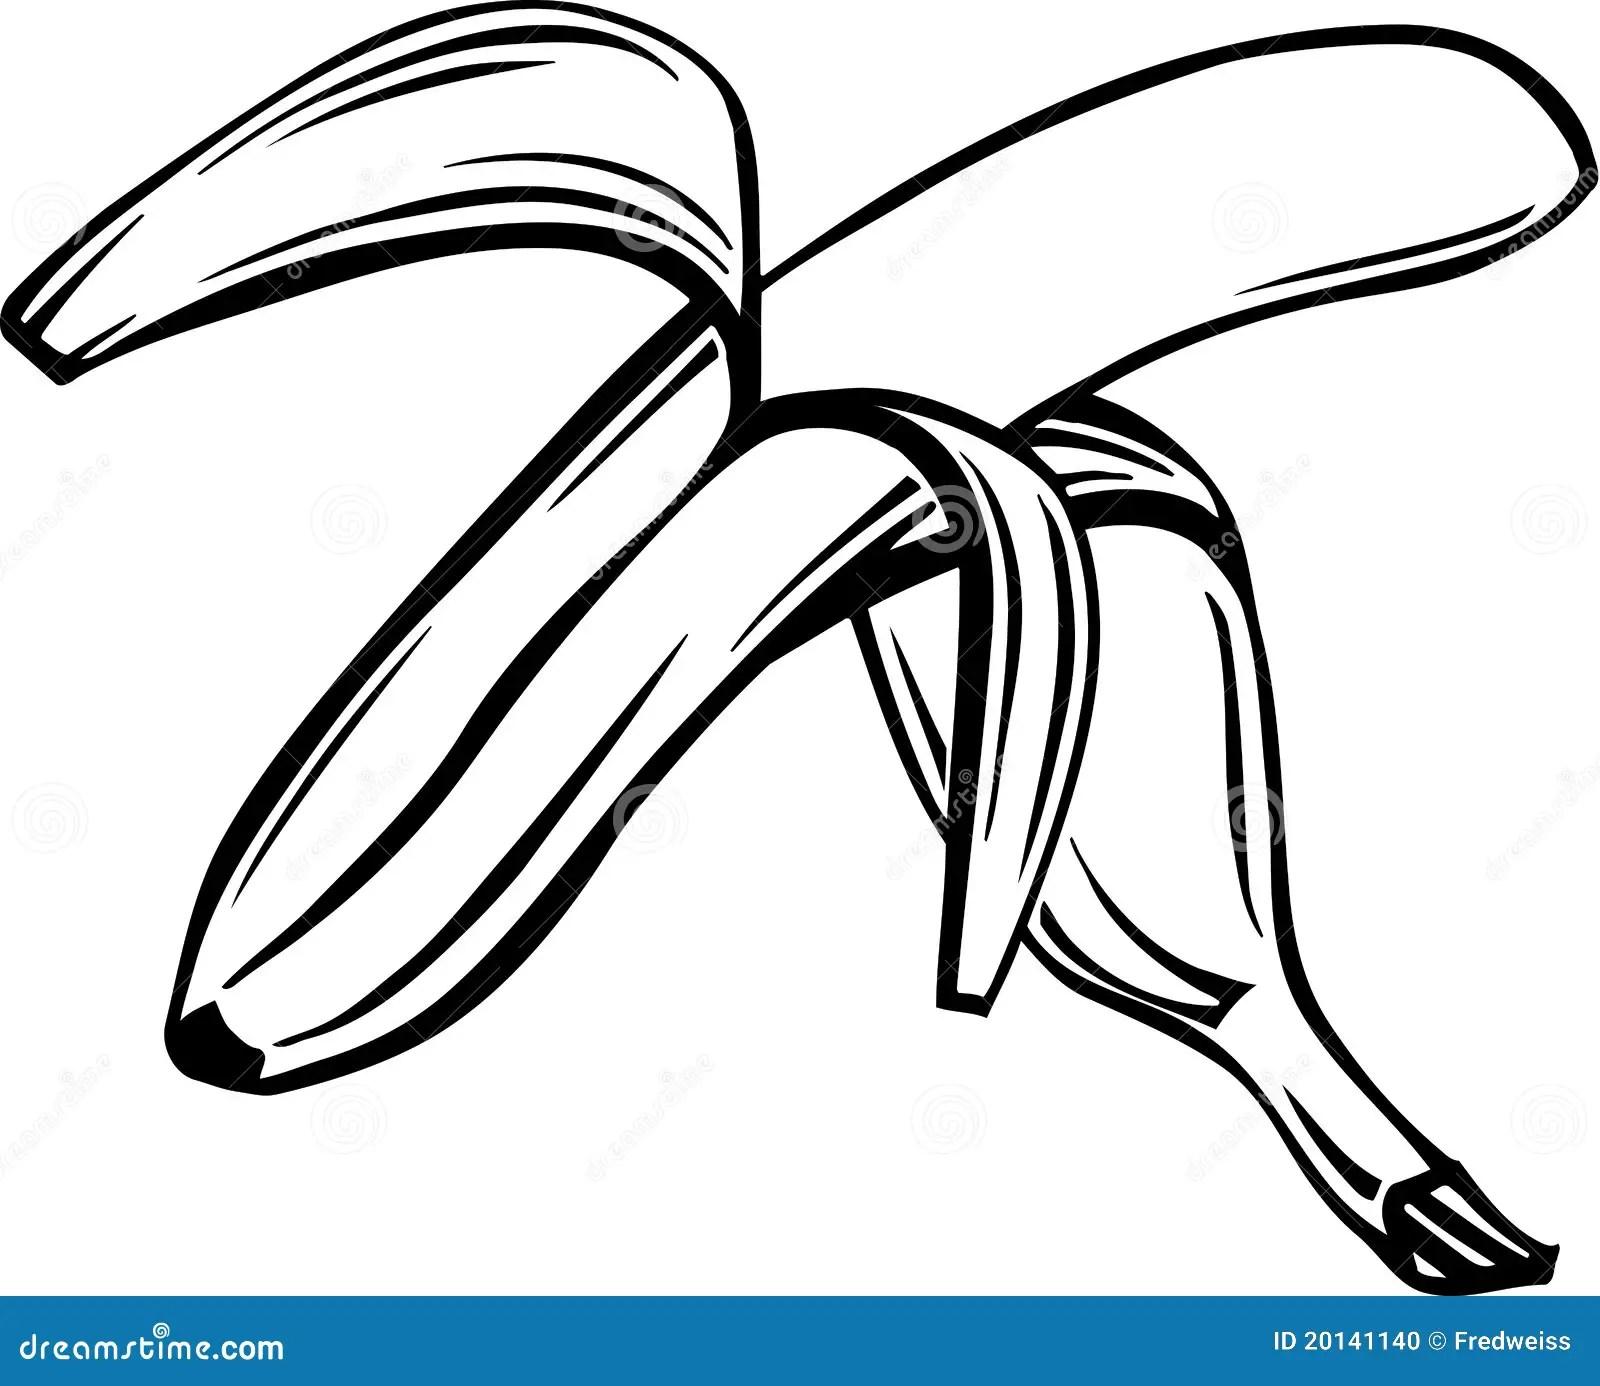 Banana Illustration Stock Photo